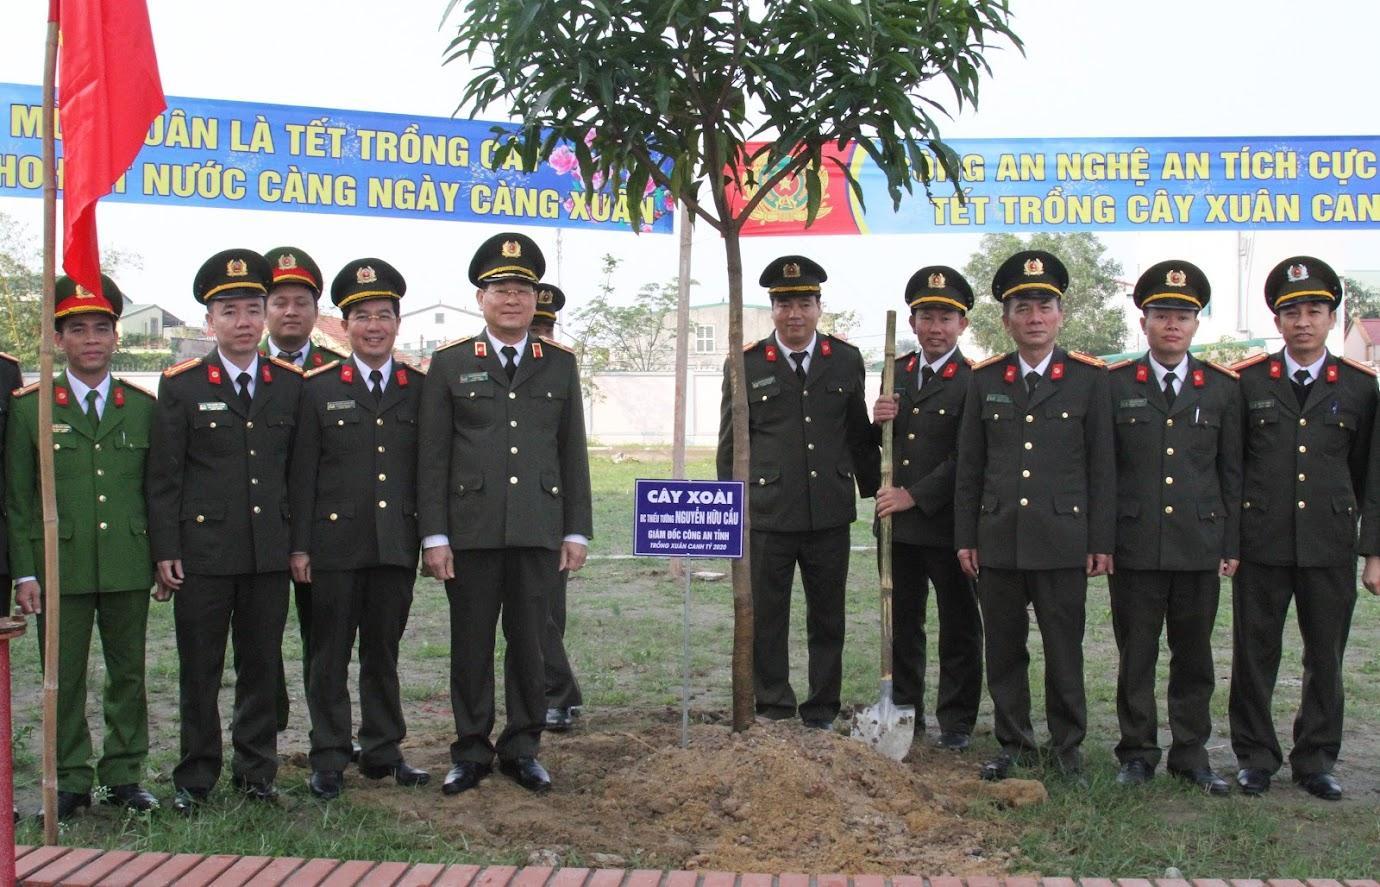 Năm nay, Công an Nghệ An trồng 60 cây xoài tại trụ sở mới Cơ quan CSĐT Công an tỉnh.